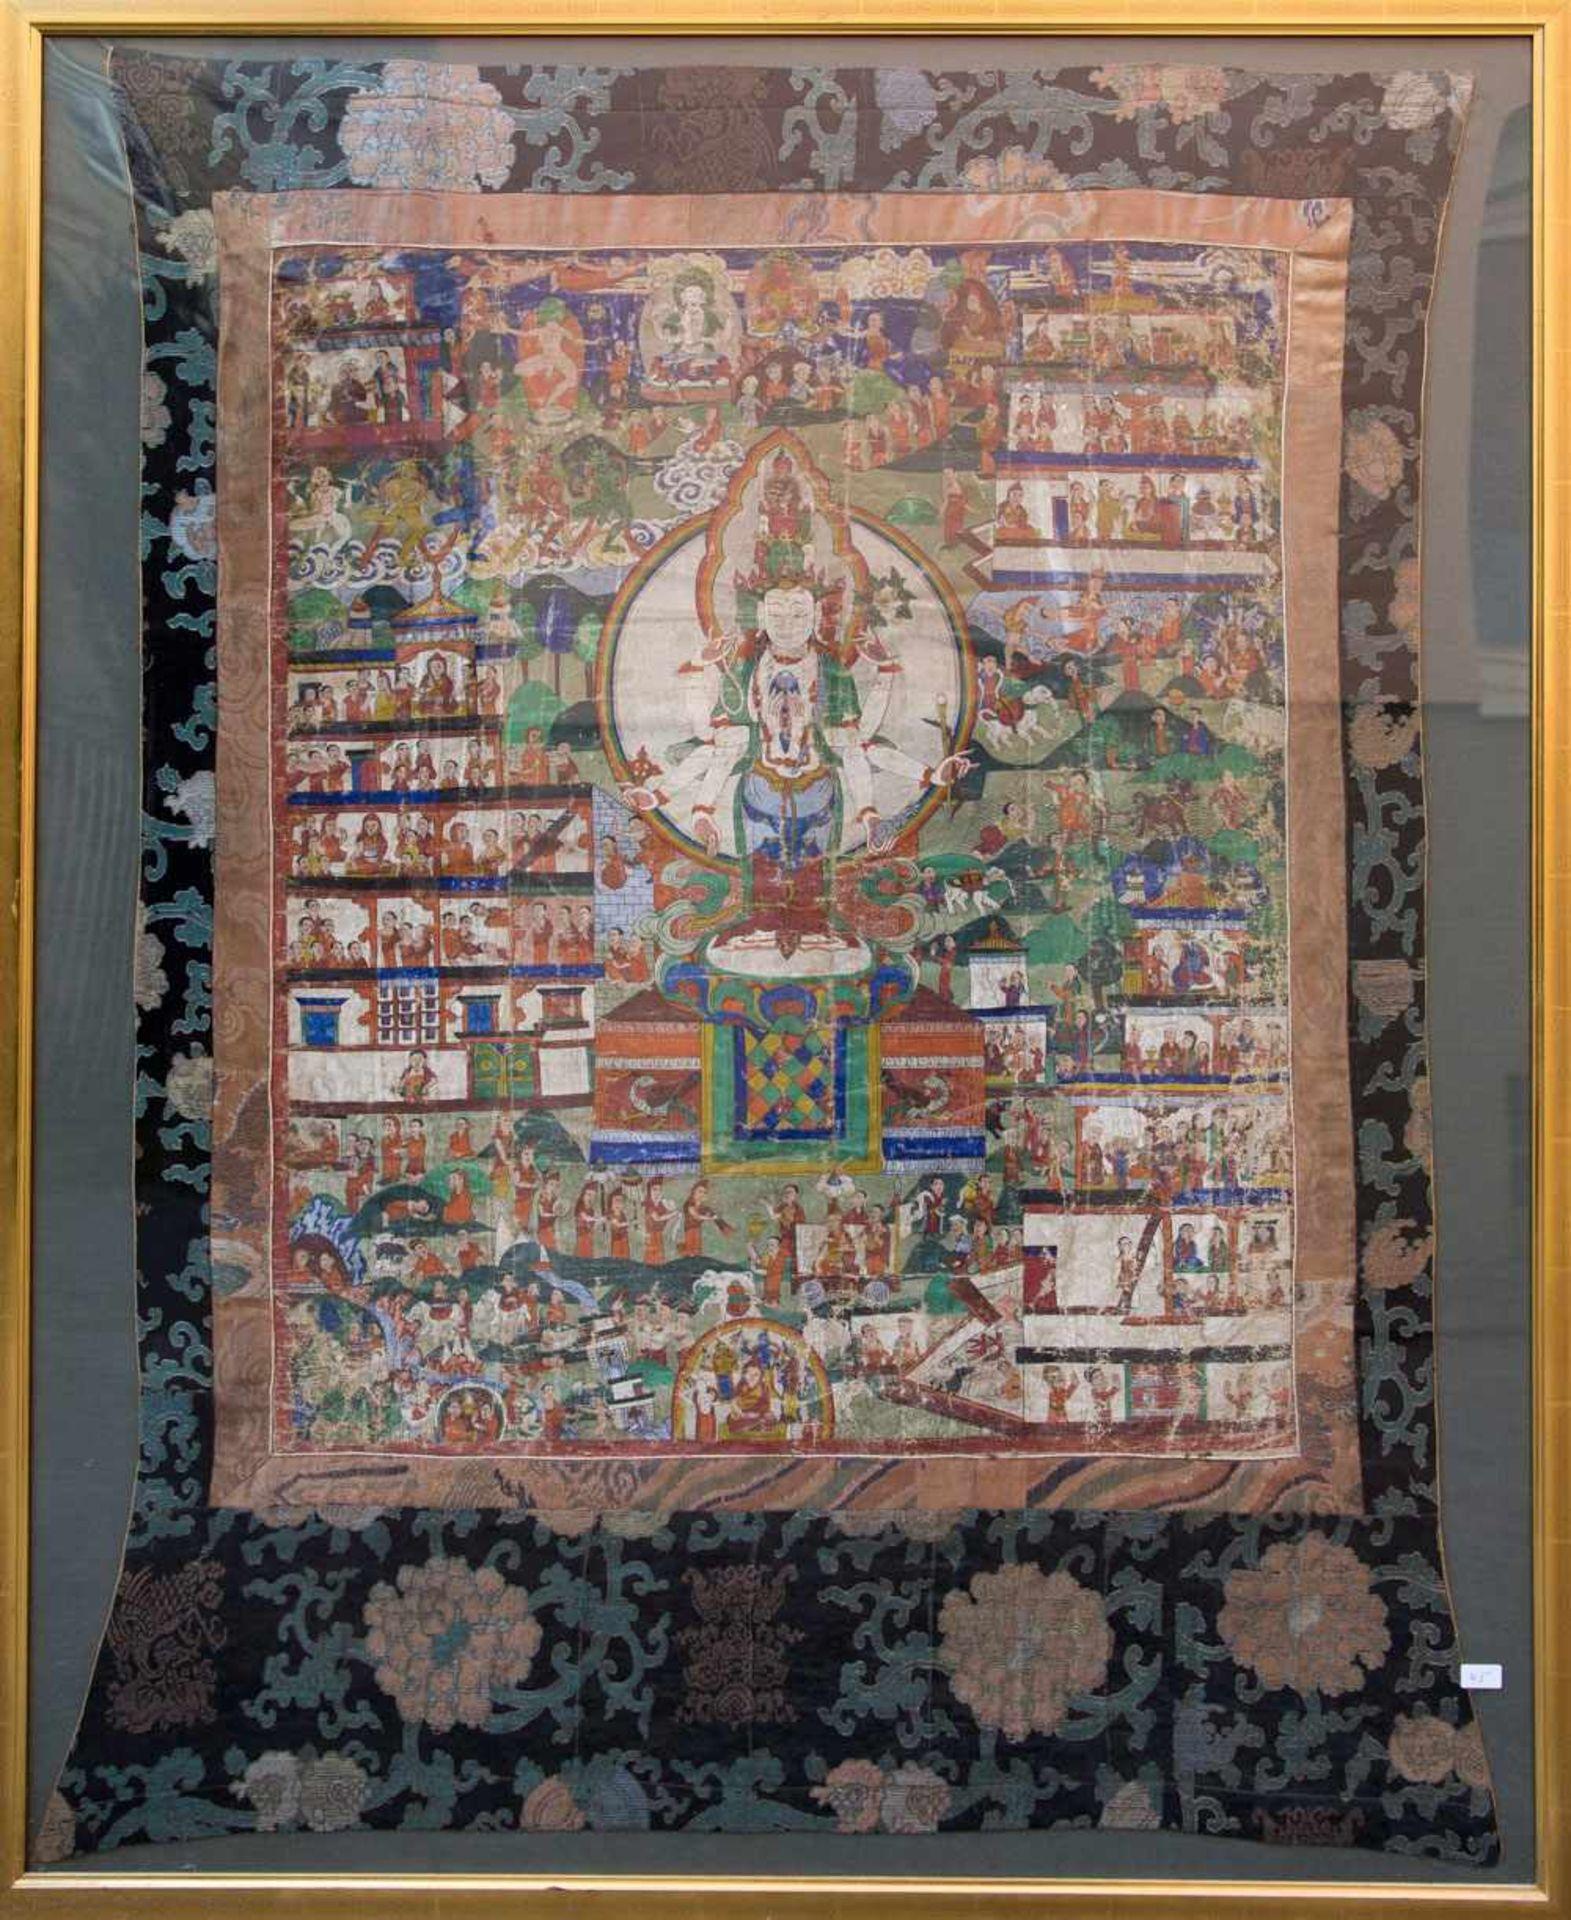 Los 5 - ANTIKER THANGKA, Seide auf Leinen, gerahmt, um 1800. 109 x 86 cm. Guter Erhaltungszustand